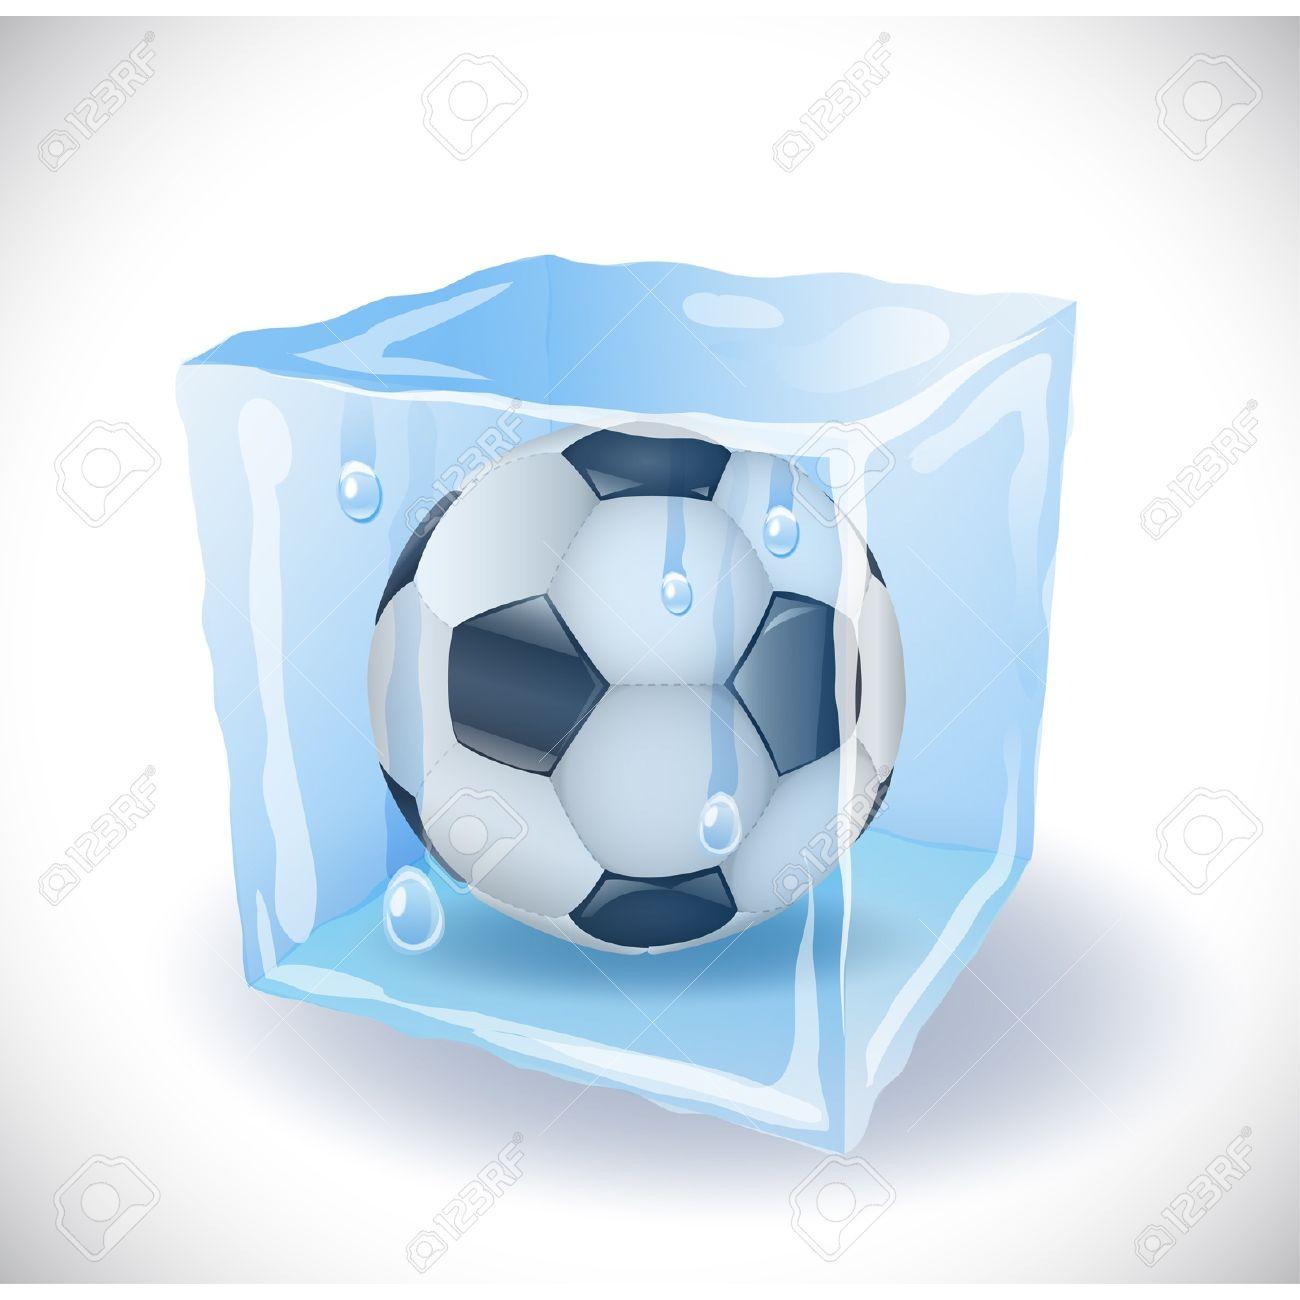 19126368-cubetto-di-ghiaccio-con-pallone-da-calcio-archivio-fotografico